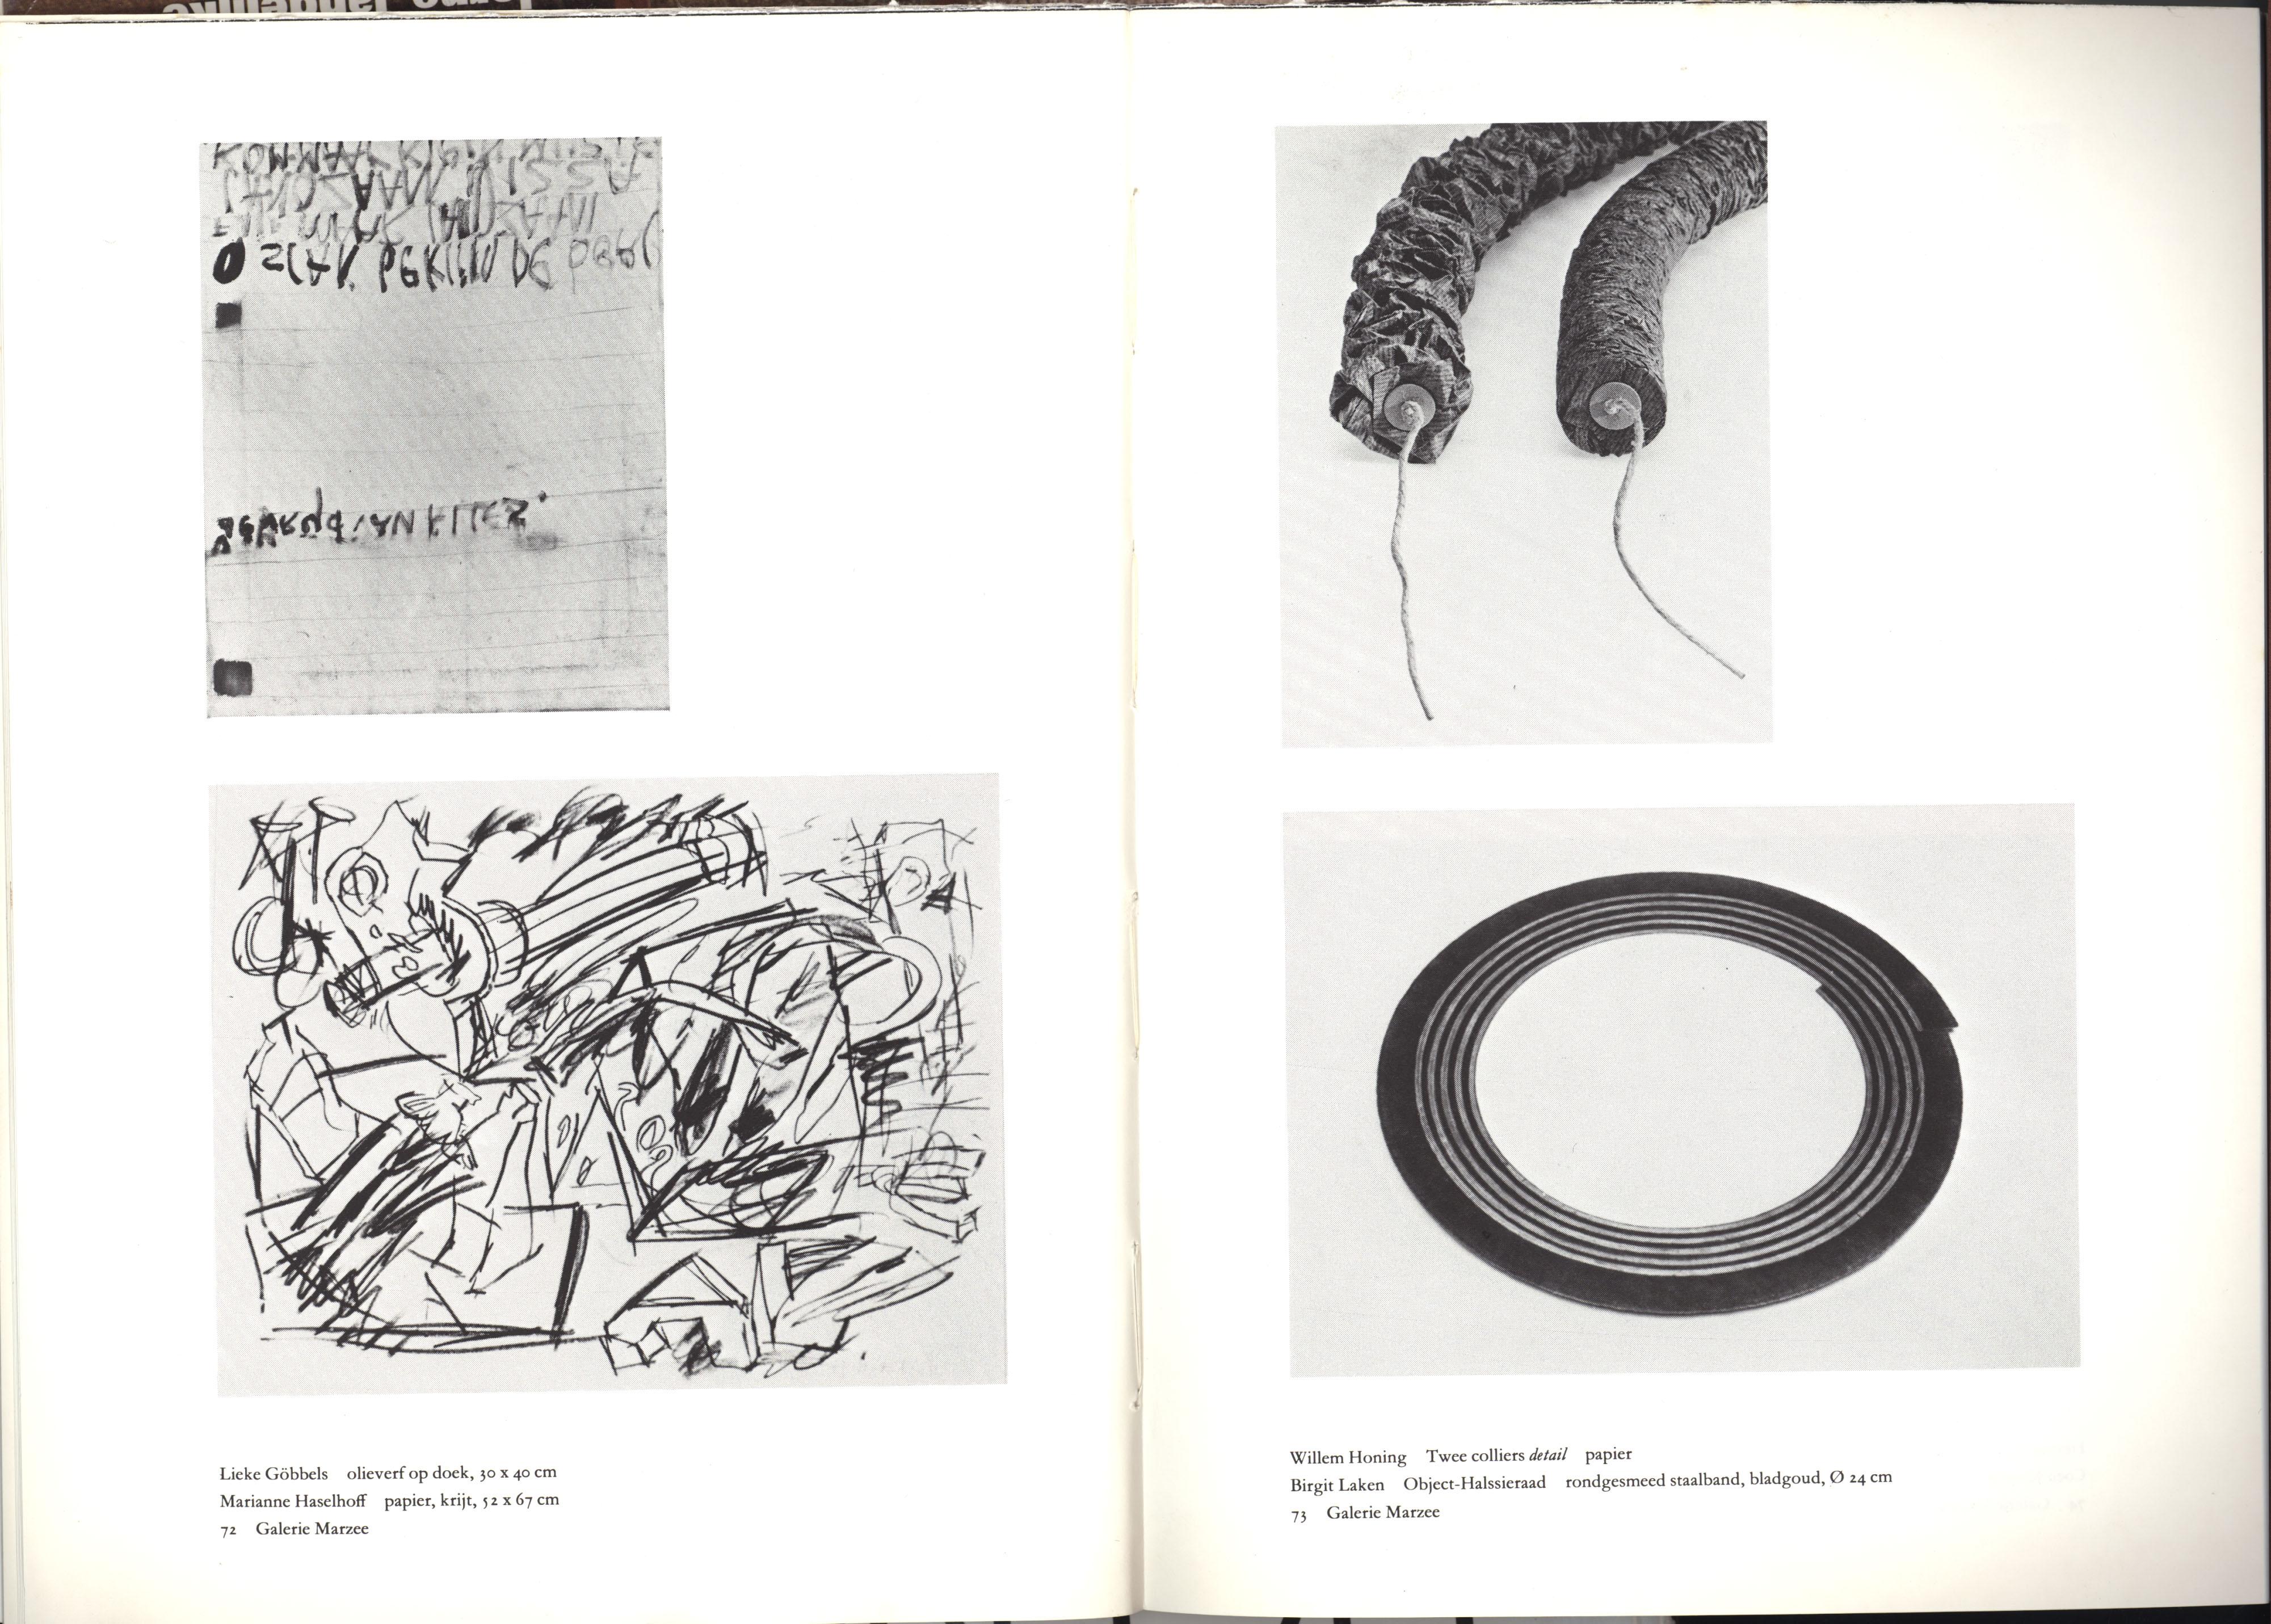 Galerie Marzee, Willem Honing, halssieraad, touw, papier, Birgit Laken, staal, bladgoud